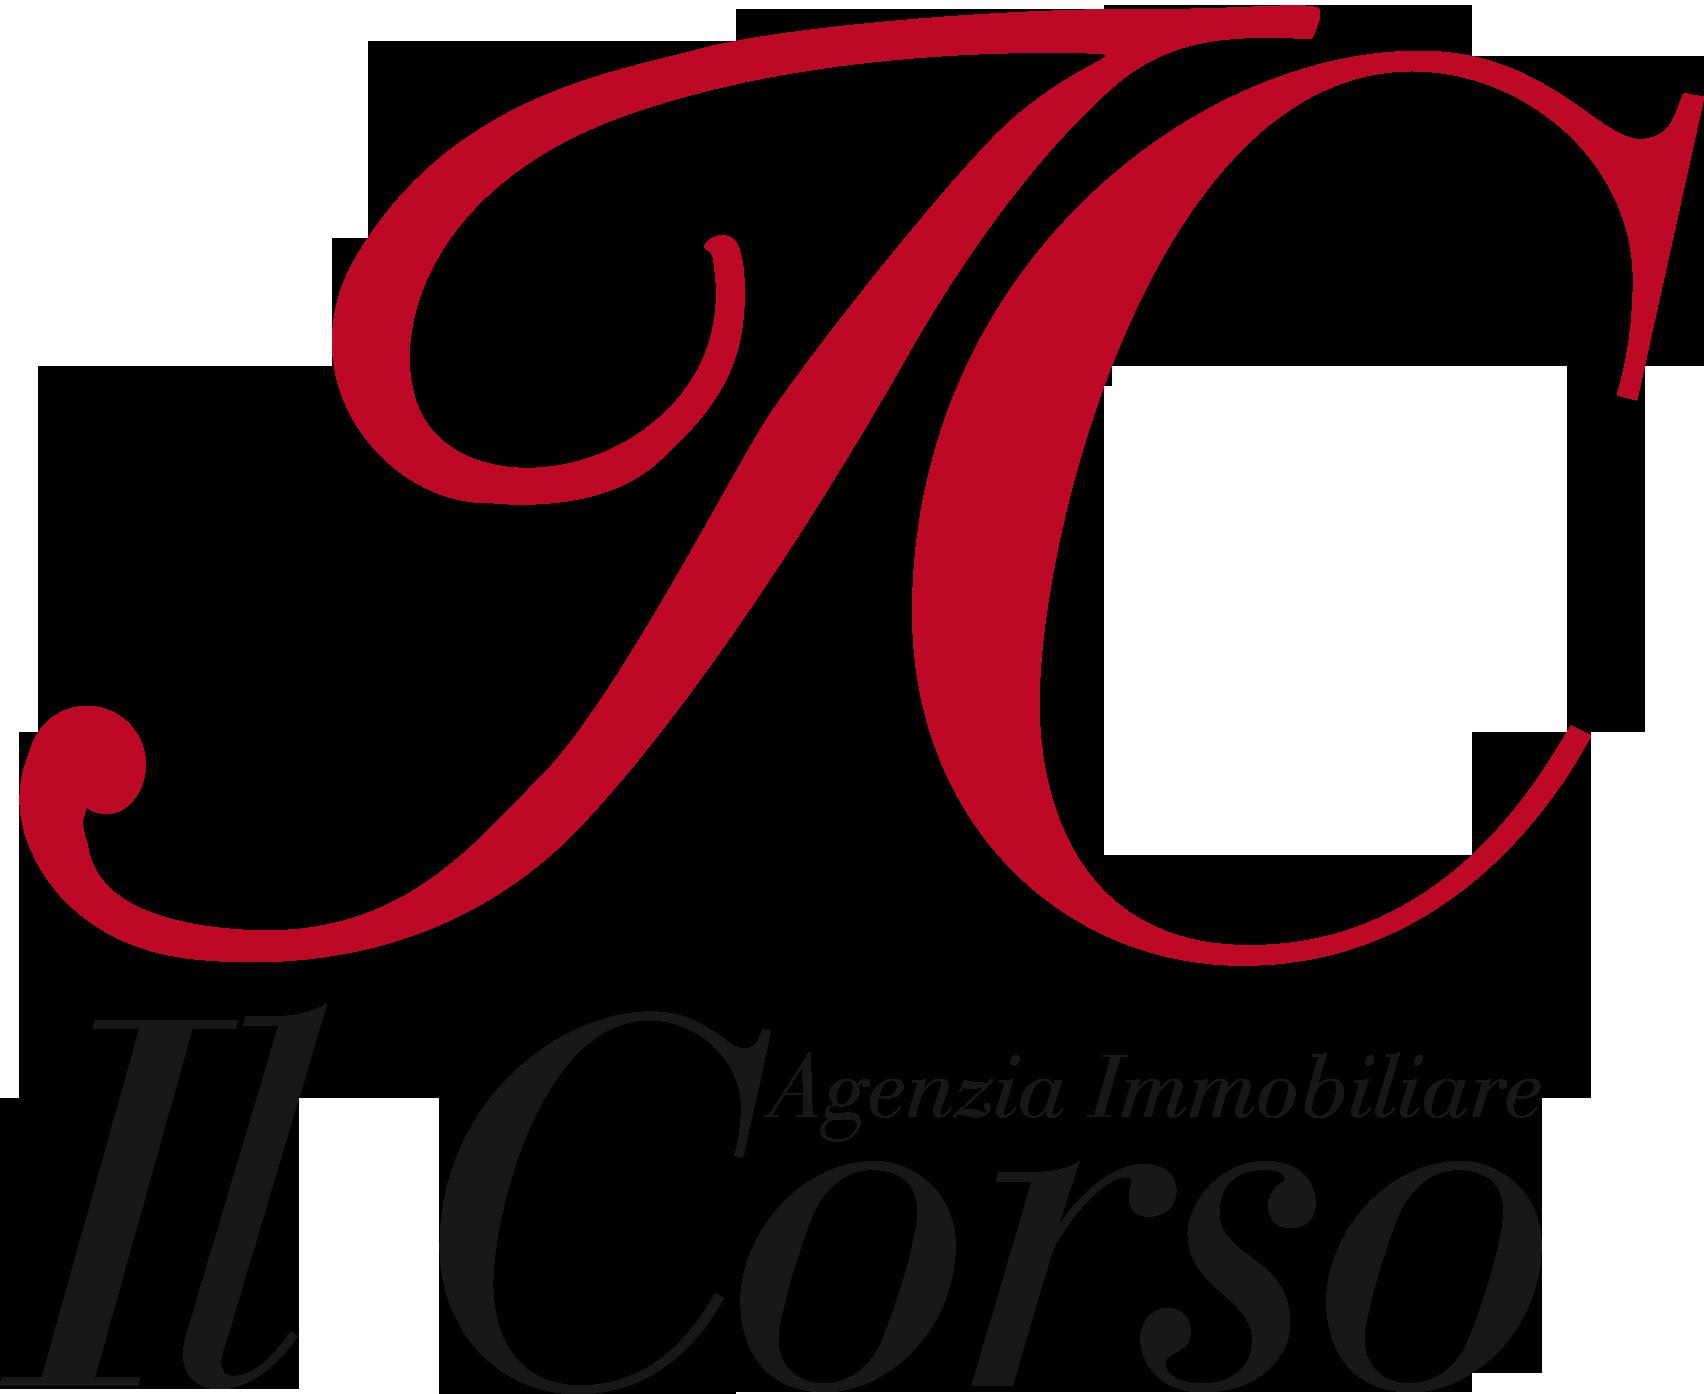 logo IL CORSO Agenzia Immobiliare